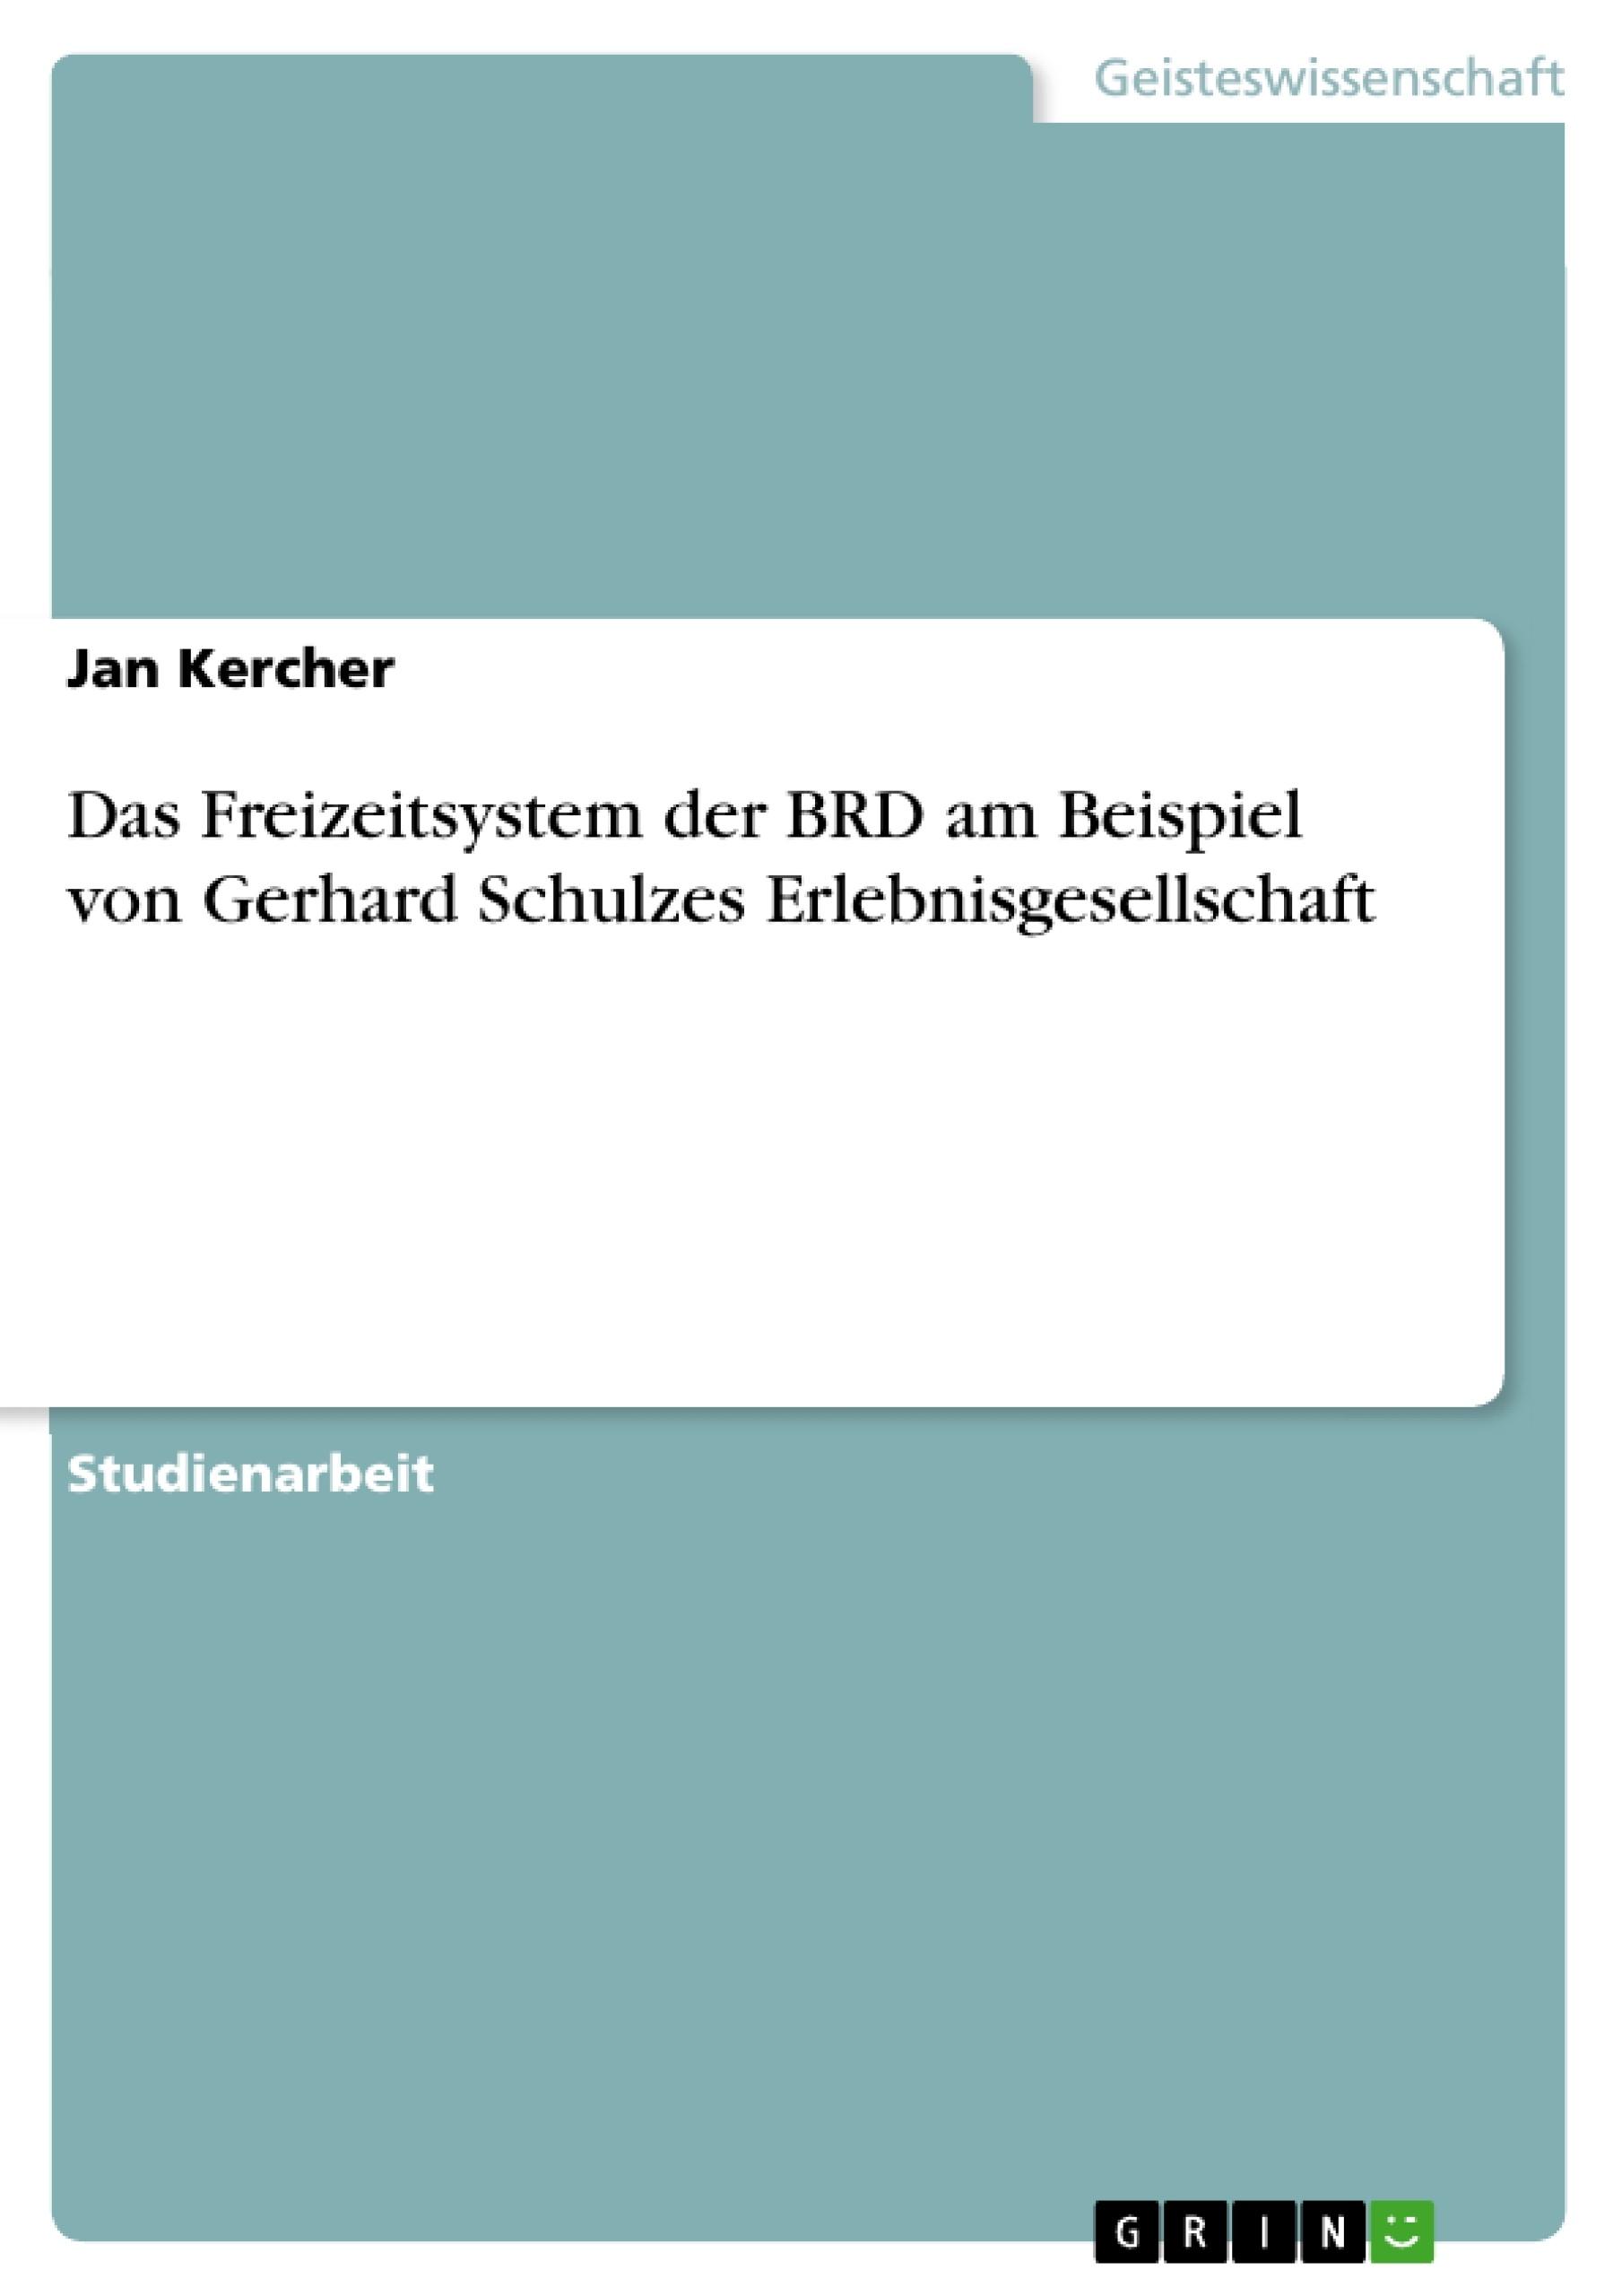 Titel: Das Freizeitsystem der BRD am Beispiel von Gerhard Schulzes Erlebnisgesellschaft